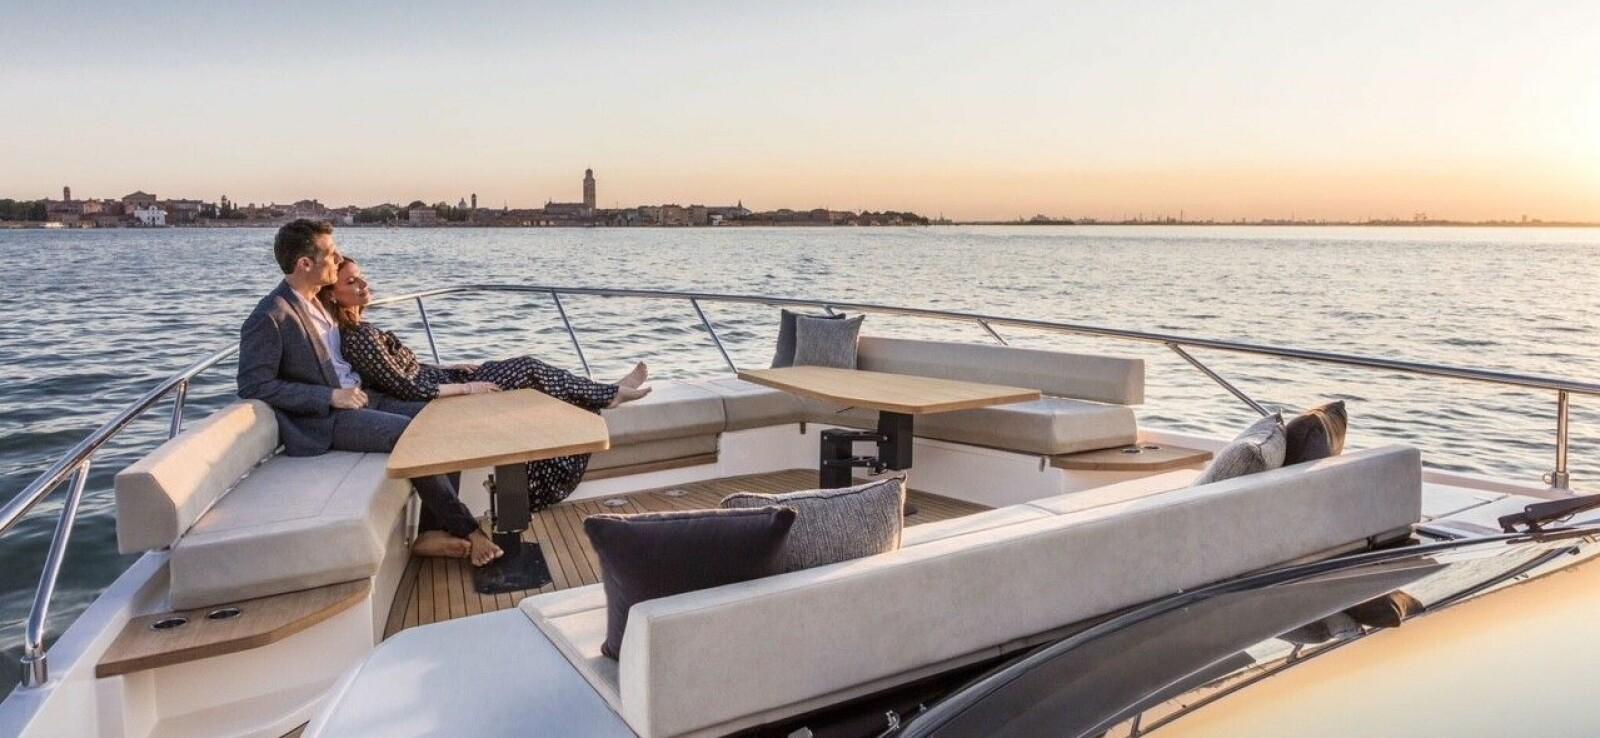 <b>DET GODE LIV:</b> Slik yacht-trenden forlanger er baugen i Ferretti 670 innredet i loungeaktig terrassestil.